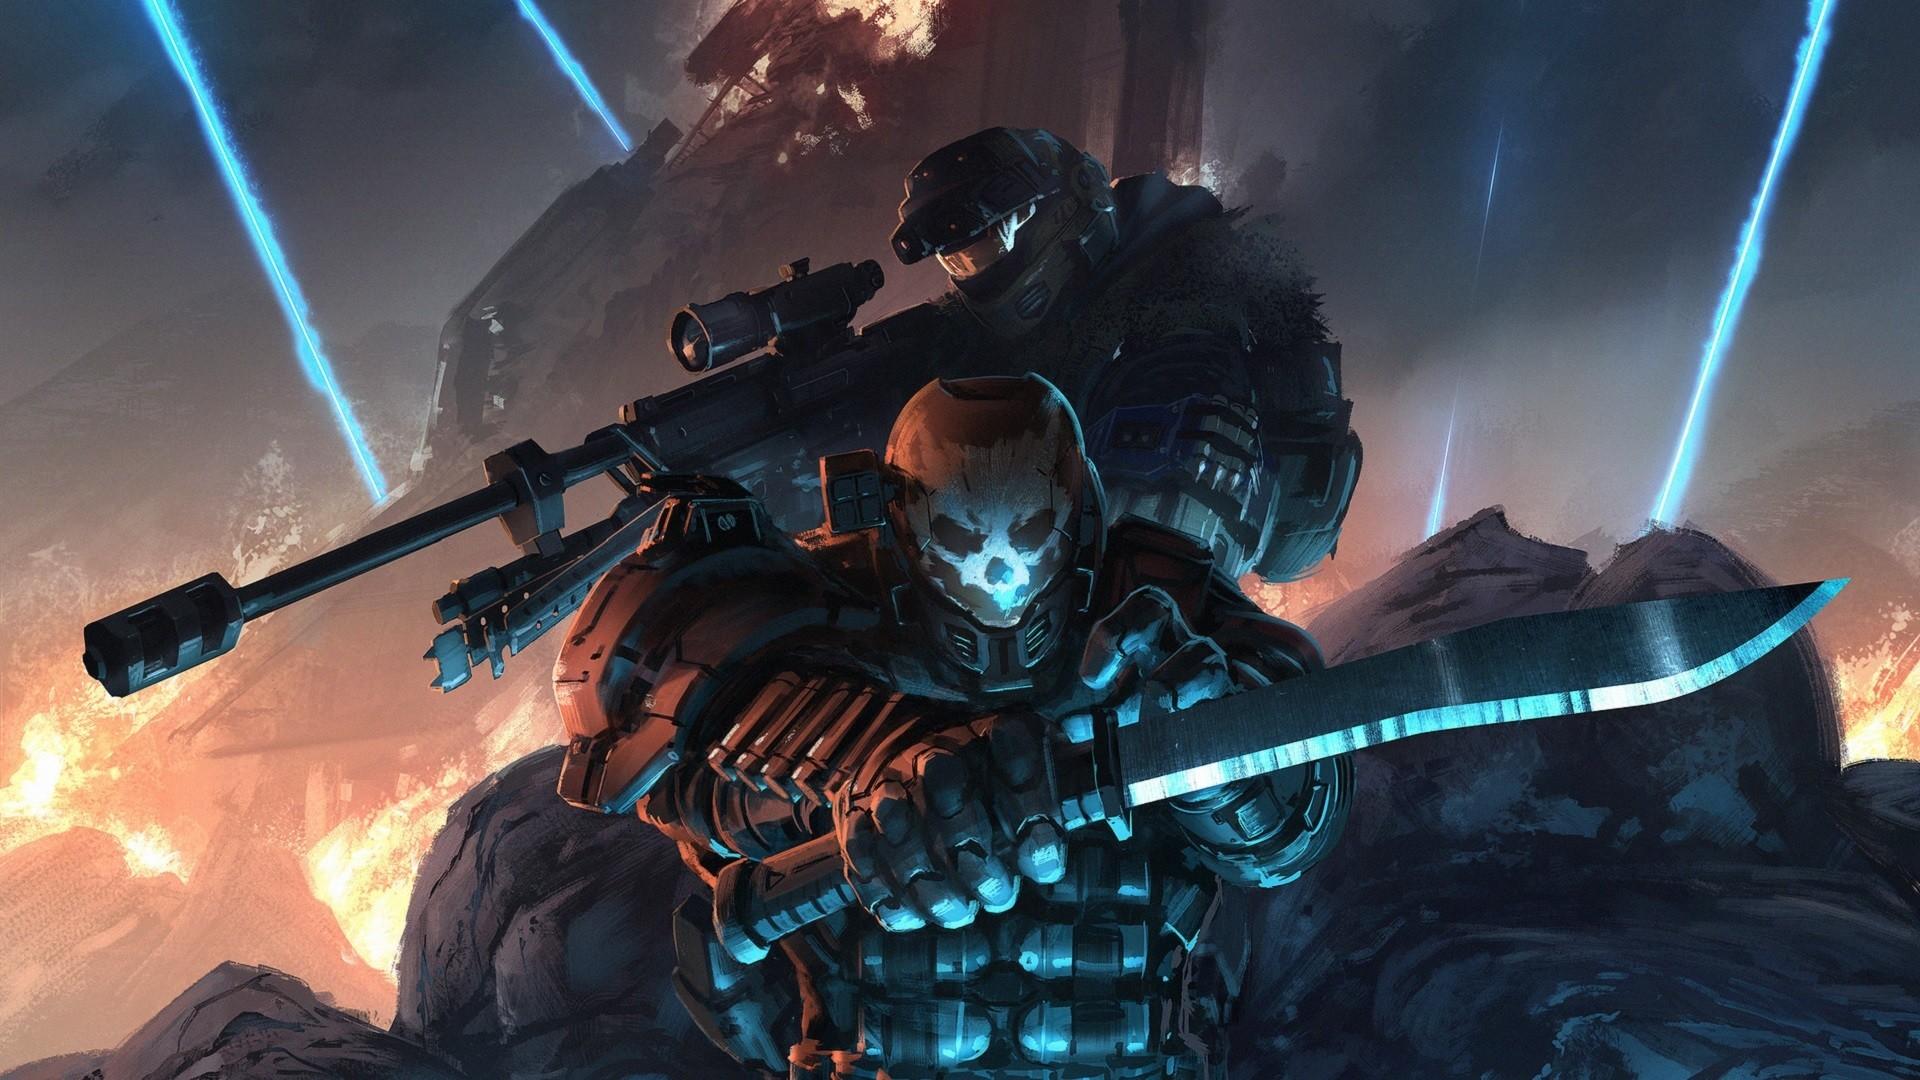 Halo Video Game Dark Soldier Wallpaper